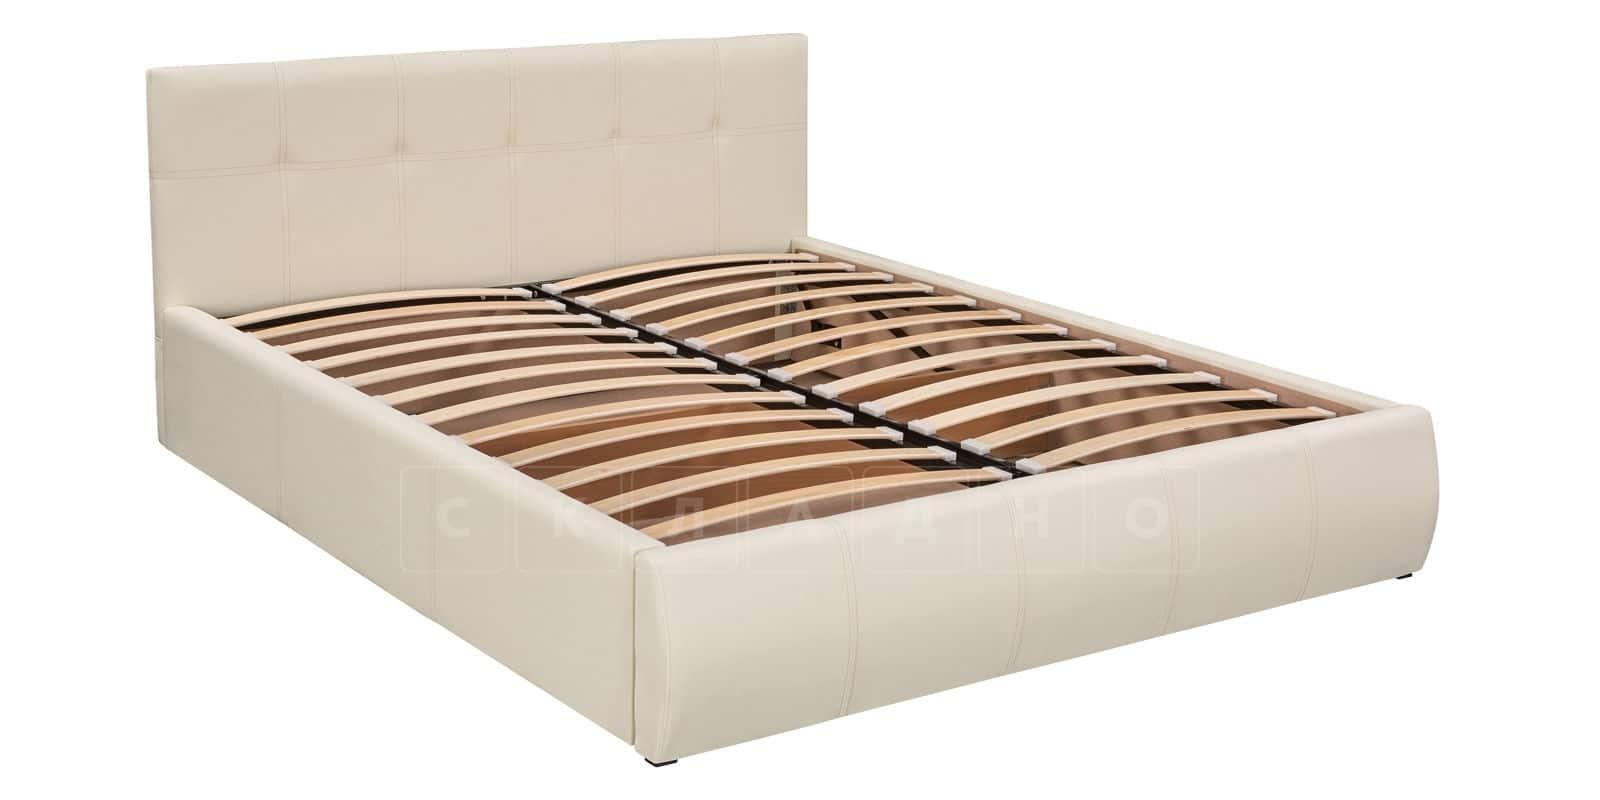 Мягкая кровать Афина 180см молочного цвета экокожа фото 5 | интернет-магазин Складно